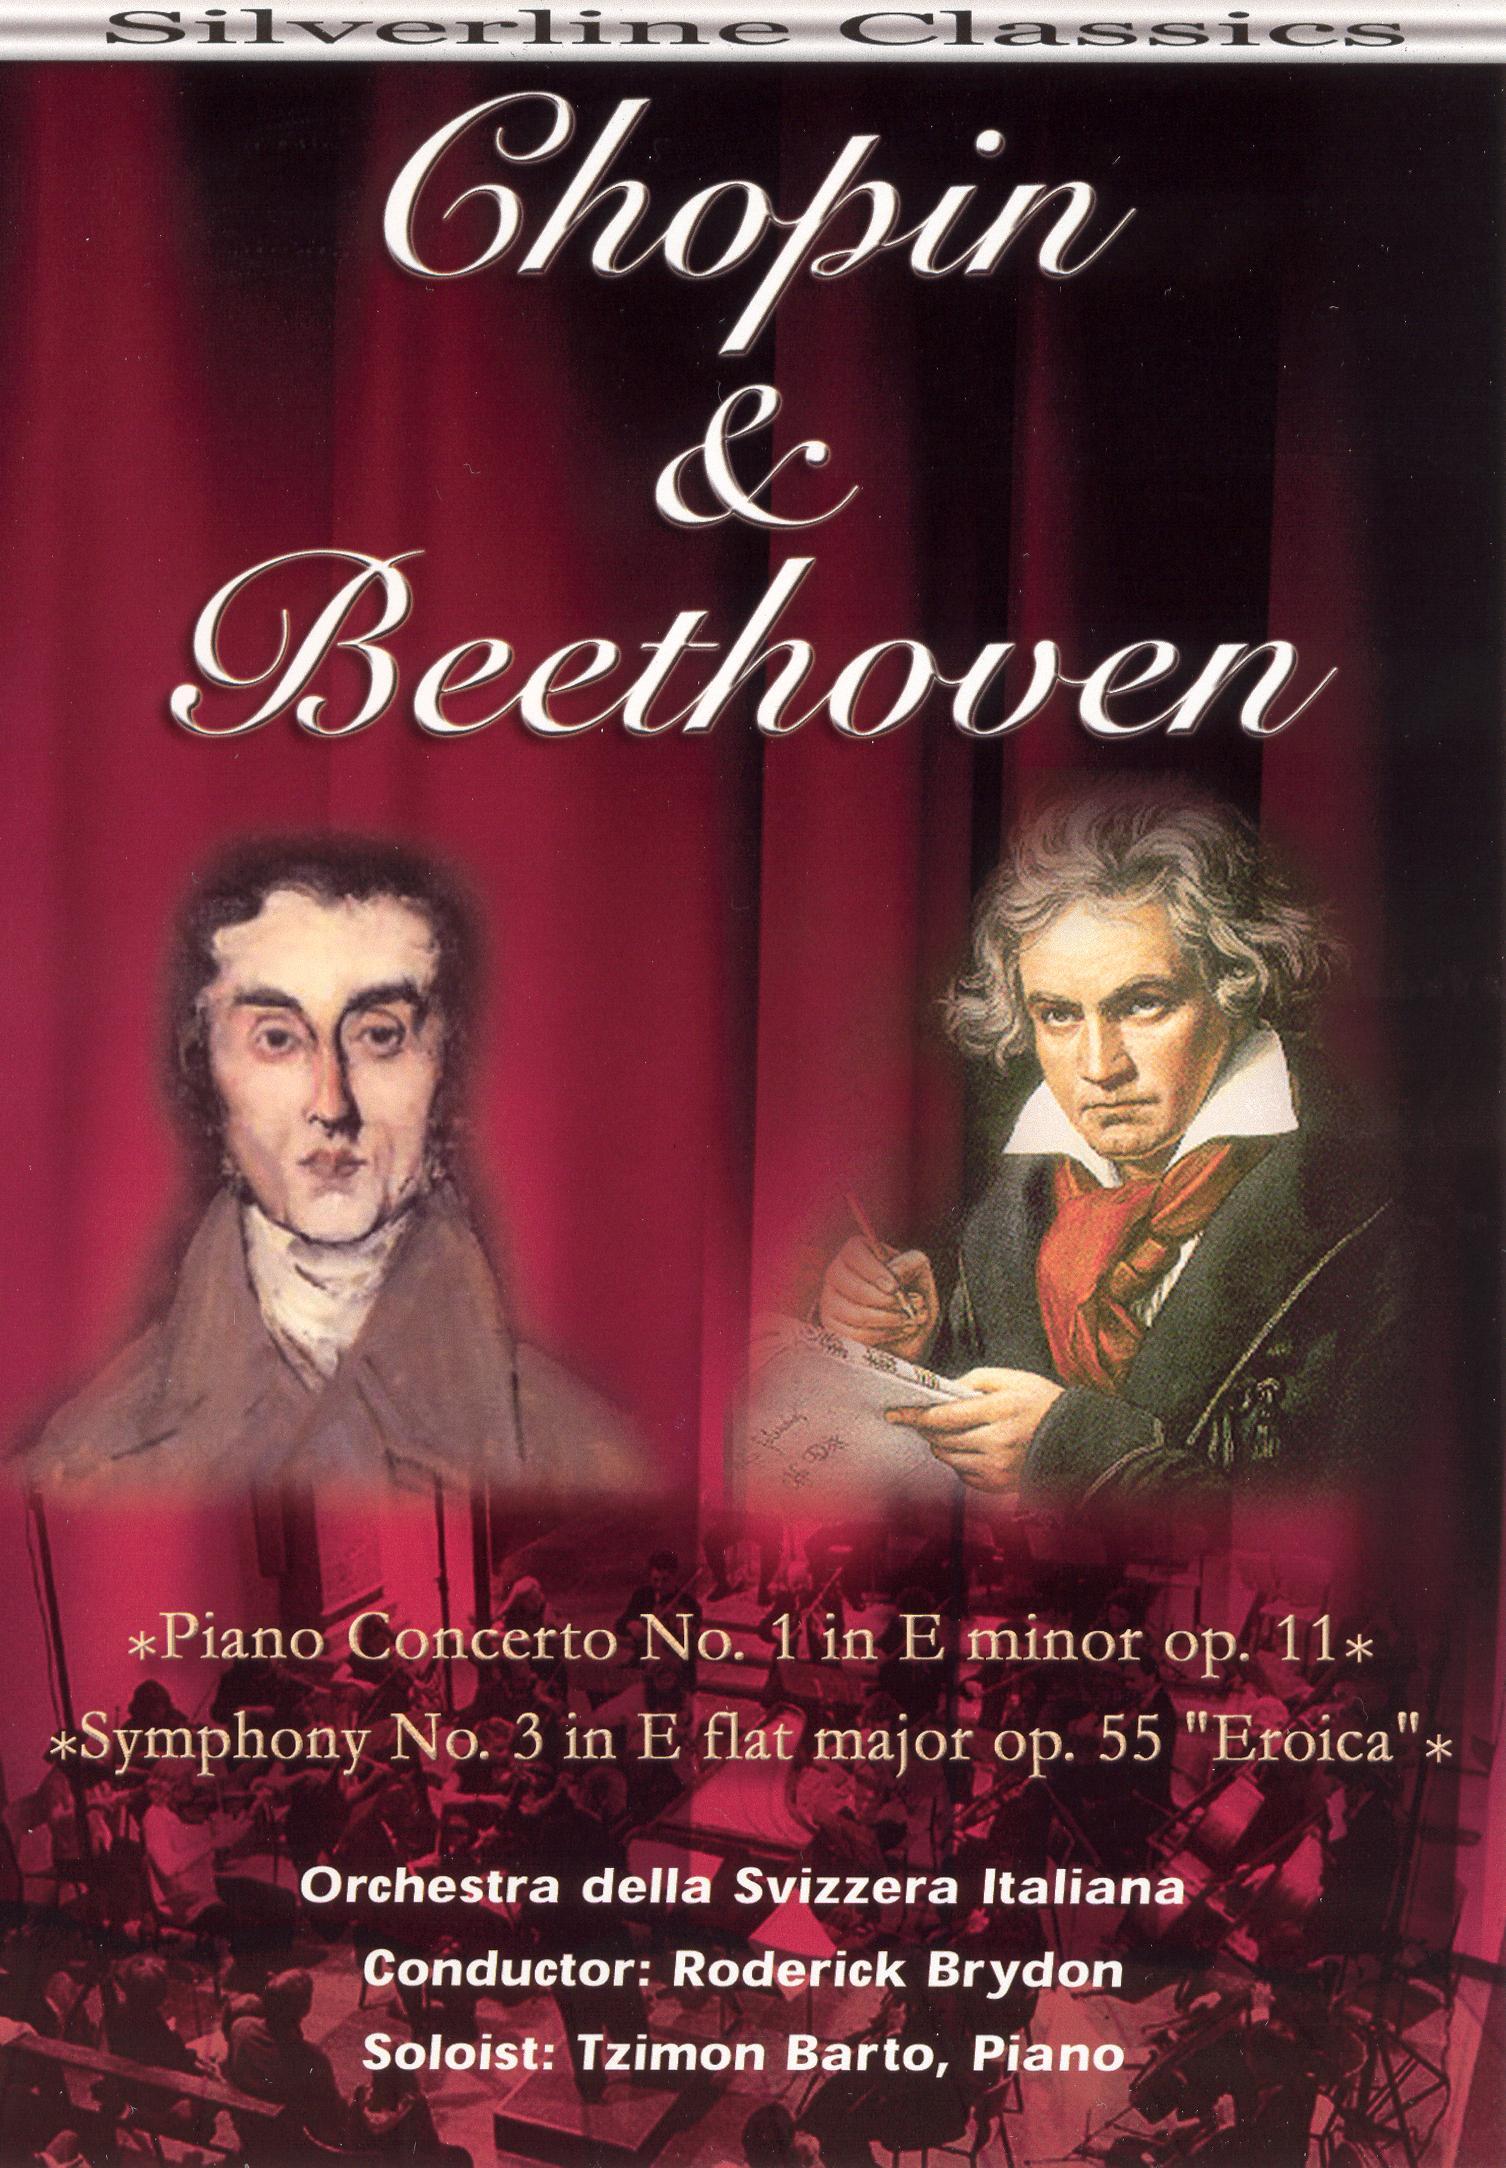 Orchestra della Svizzera Italiana: Chopin & Beethoven